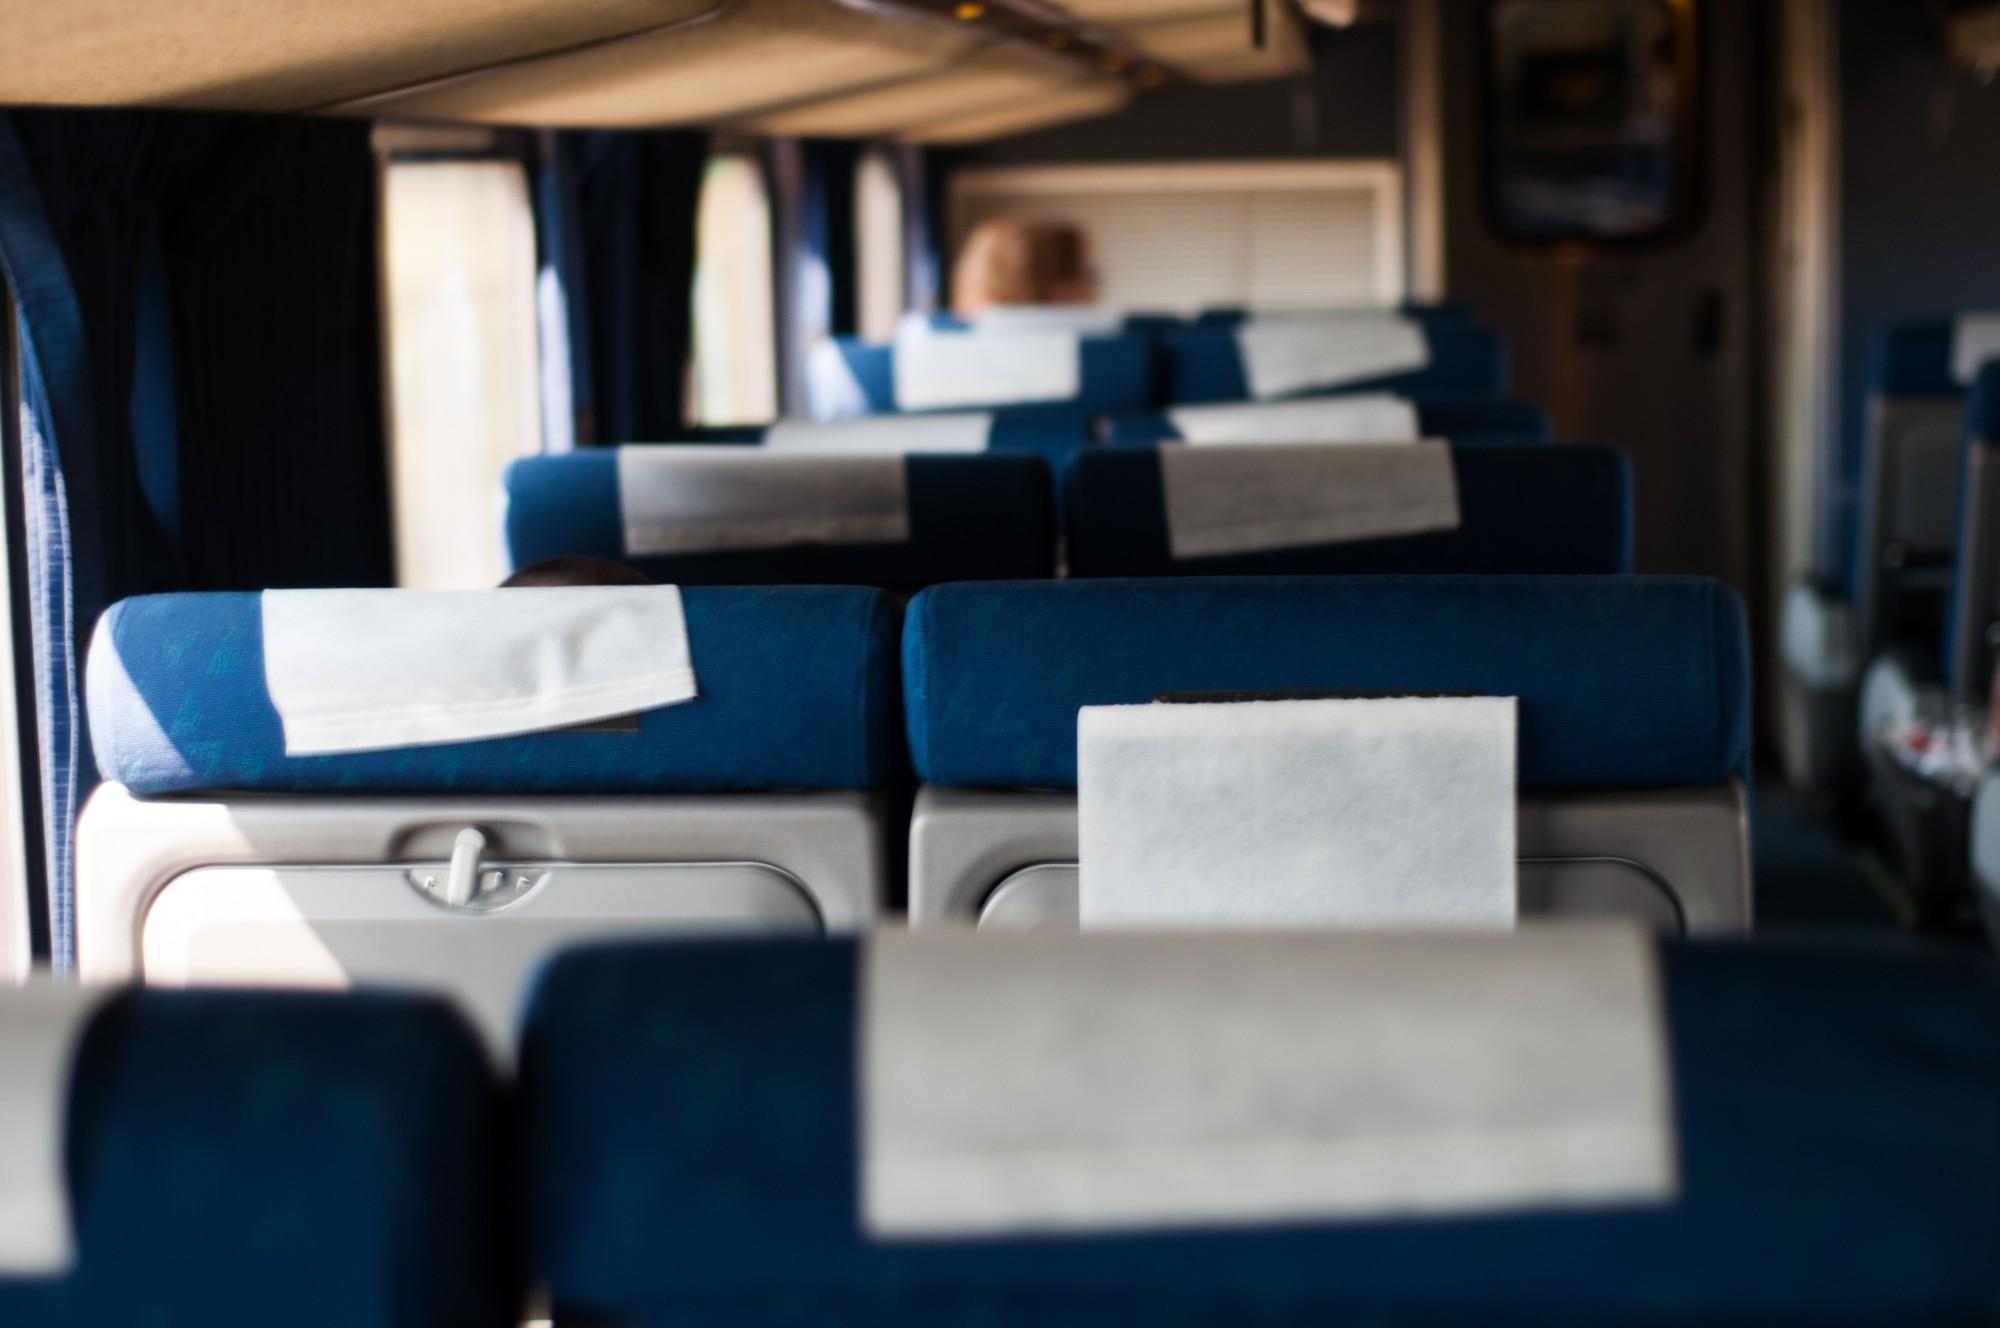 A l'intérieur ? Pas grand monde. Le wagon panoramique est plein. Tout les passagers sont subjugués par la beauté du paysage.